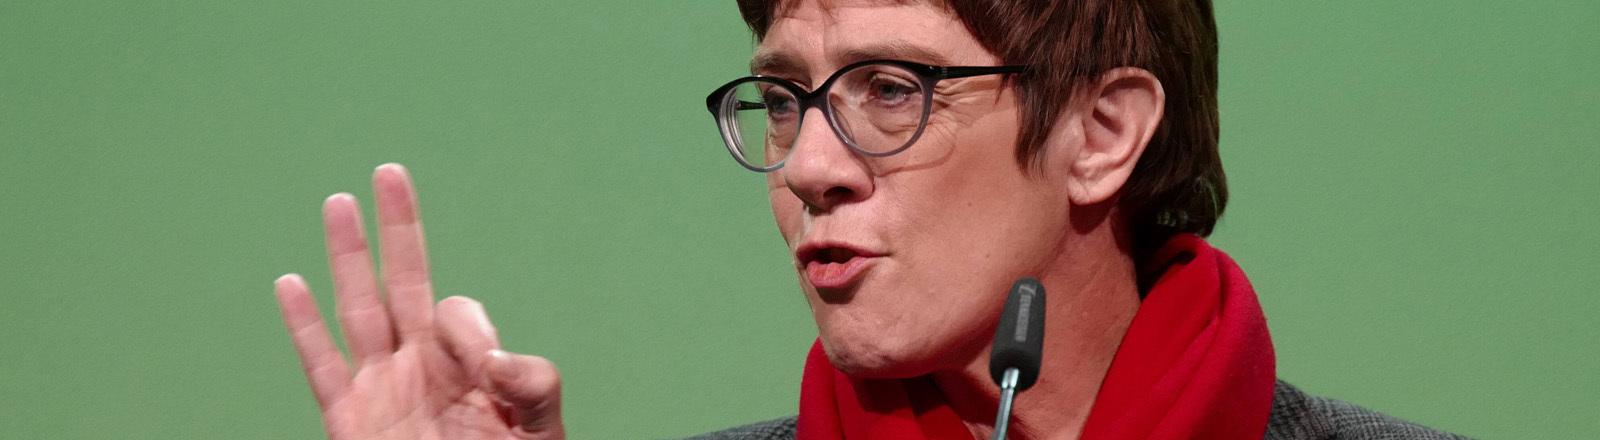 Annegret Kramp-Karrenbauer bei einer Veranstaltung in Sachsen